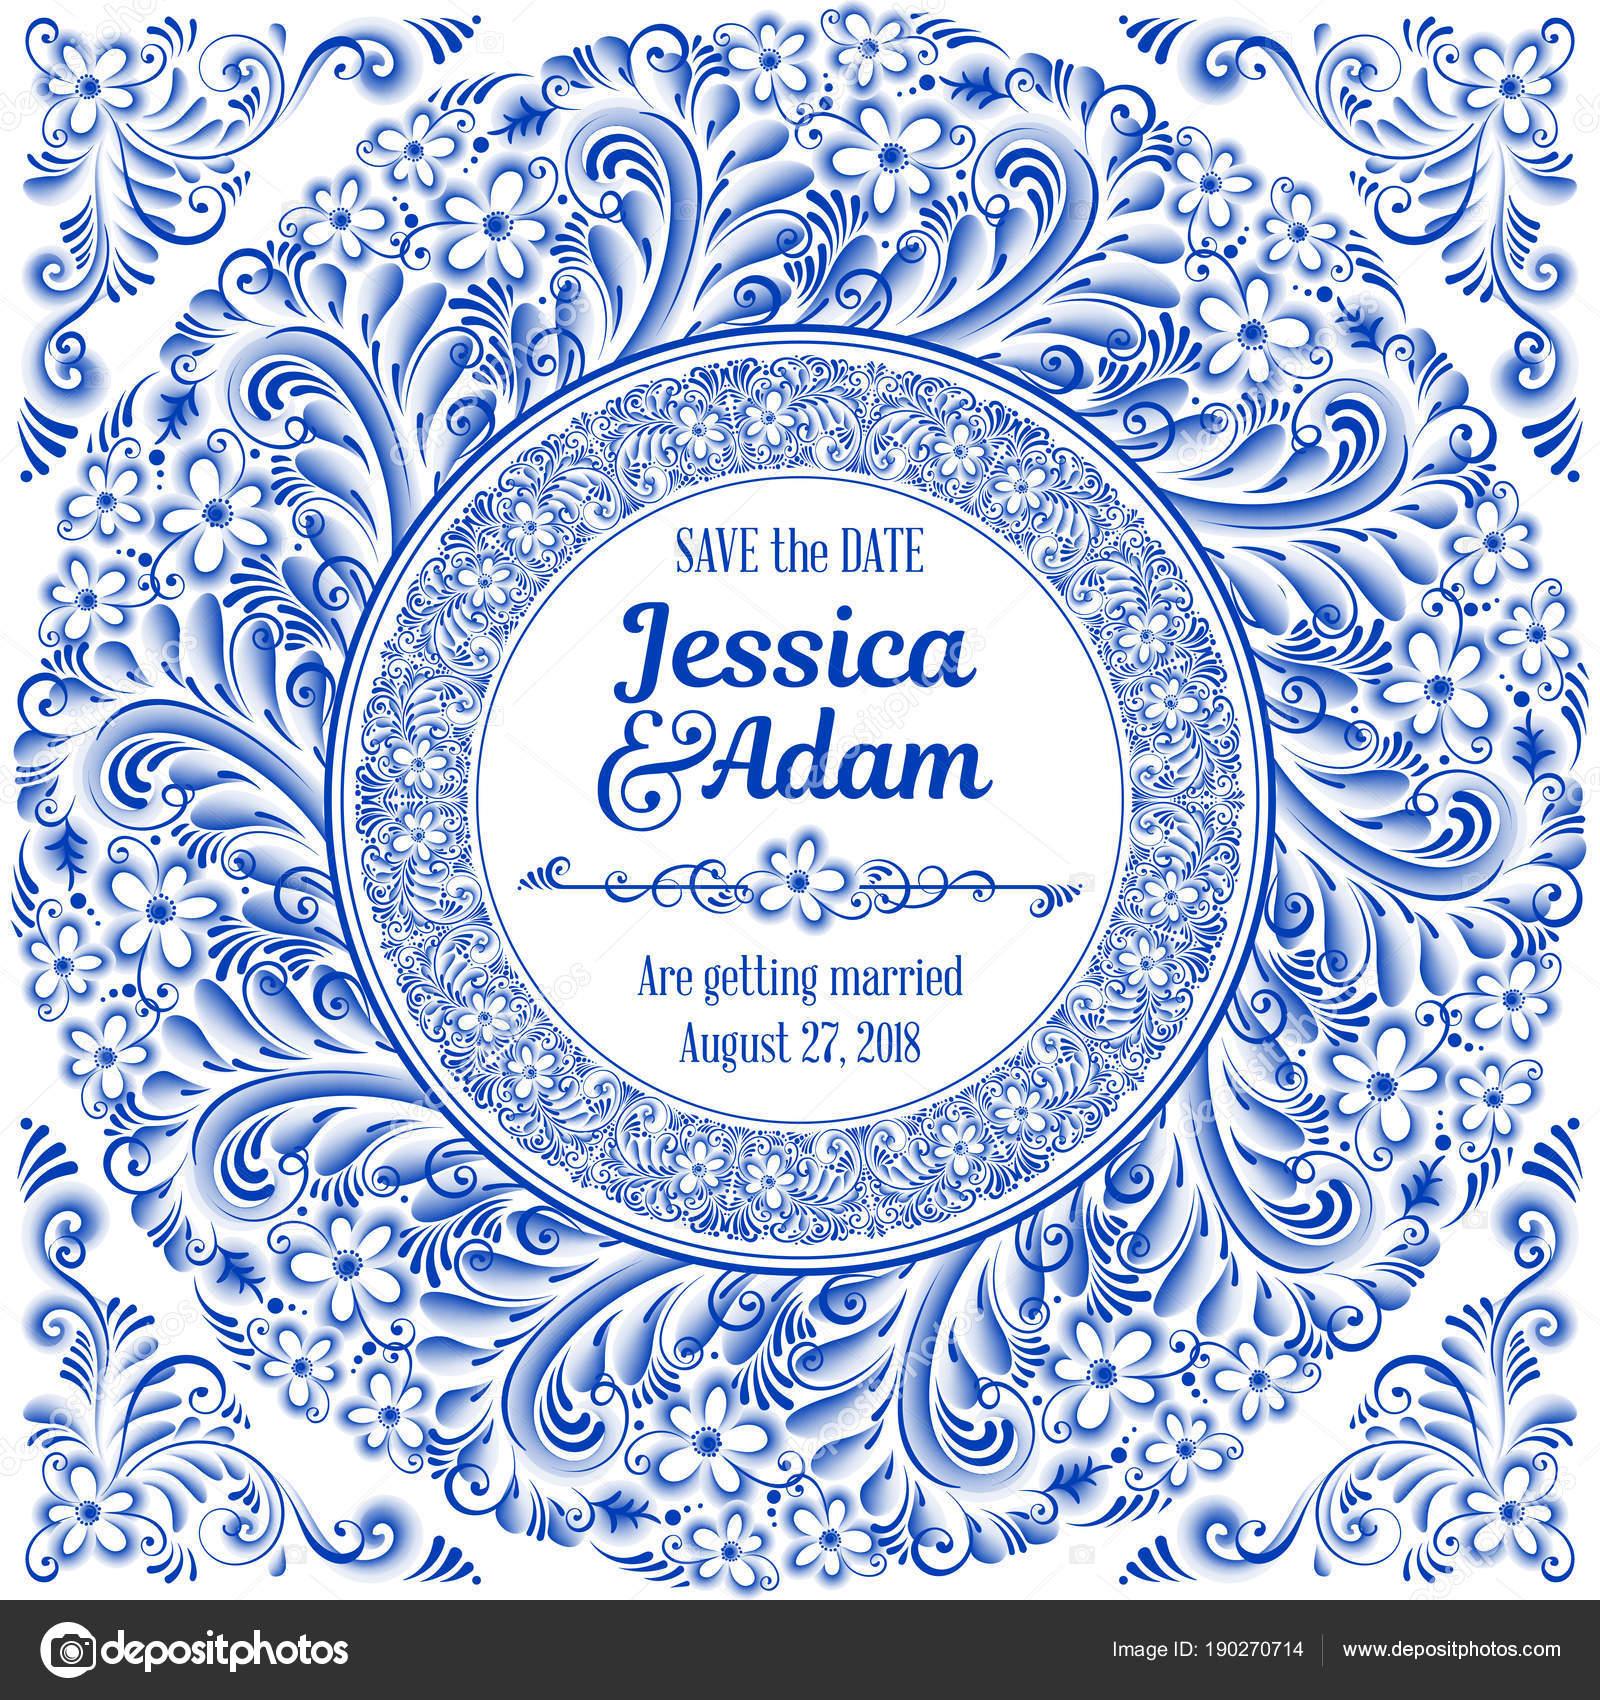 Hochzeit Einladungskarte In Russischen Traditionellen Bemalung Kunst Stil  Gzhel. Blaue Blumen Und Schriftrollen, Exquisite